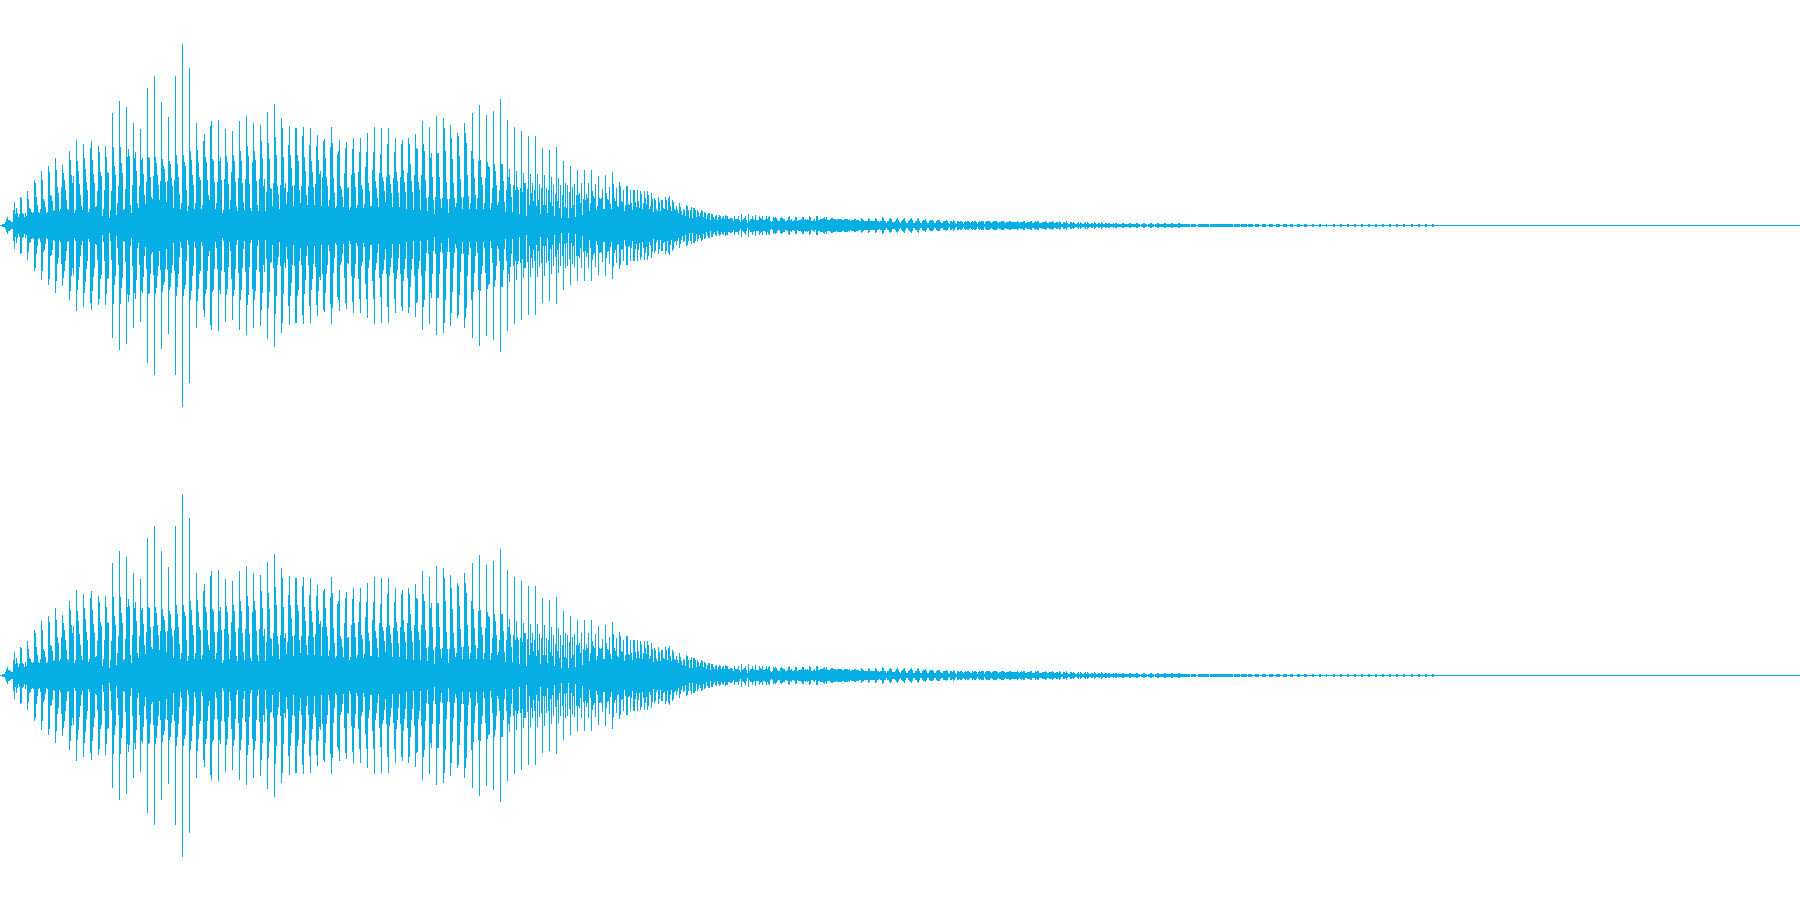 ビームソード風の効果音(SF、ロボット)の再生済みの波形